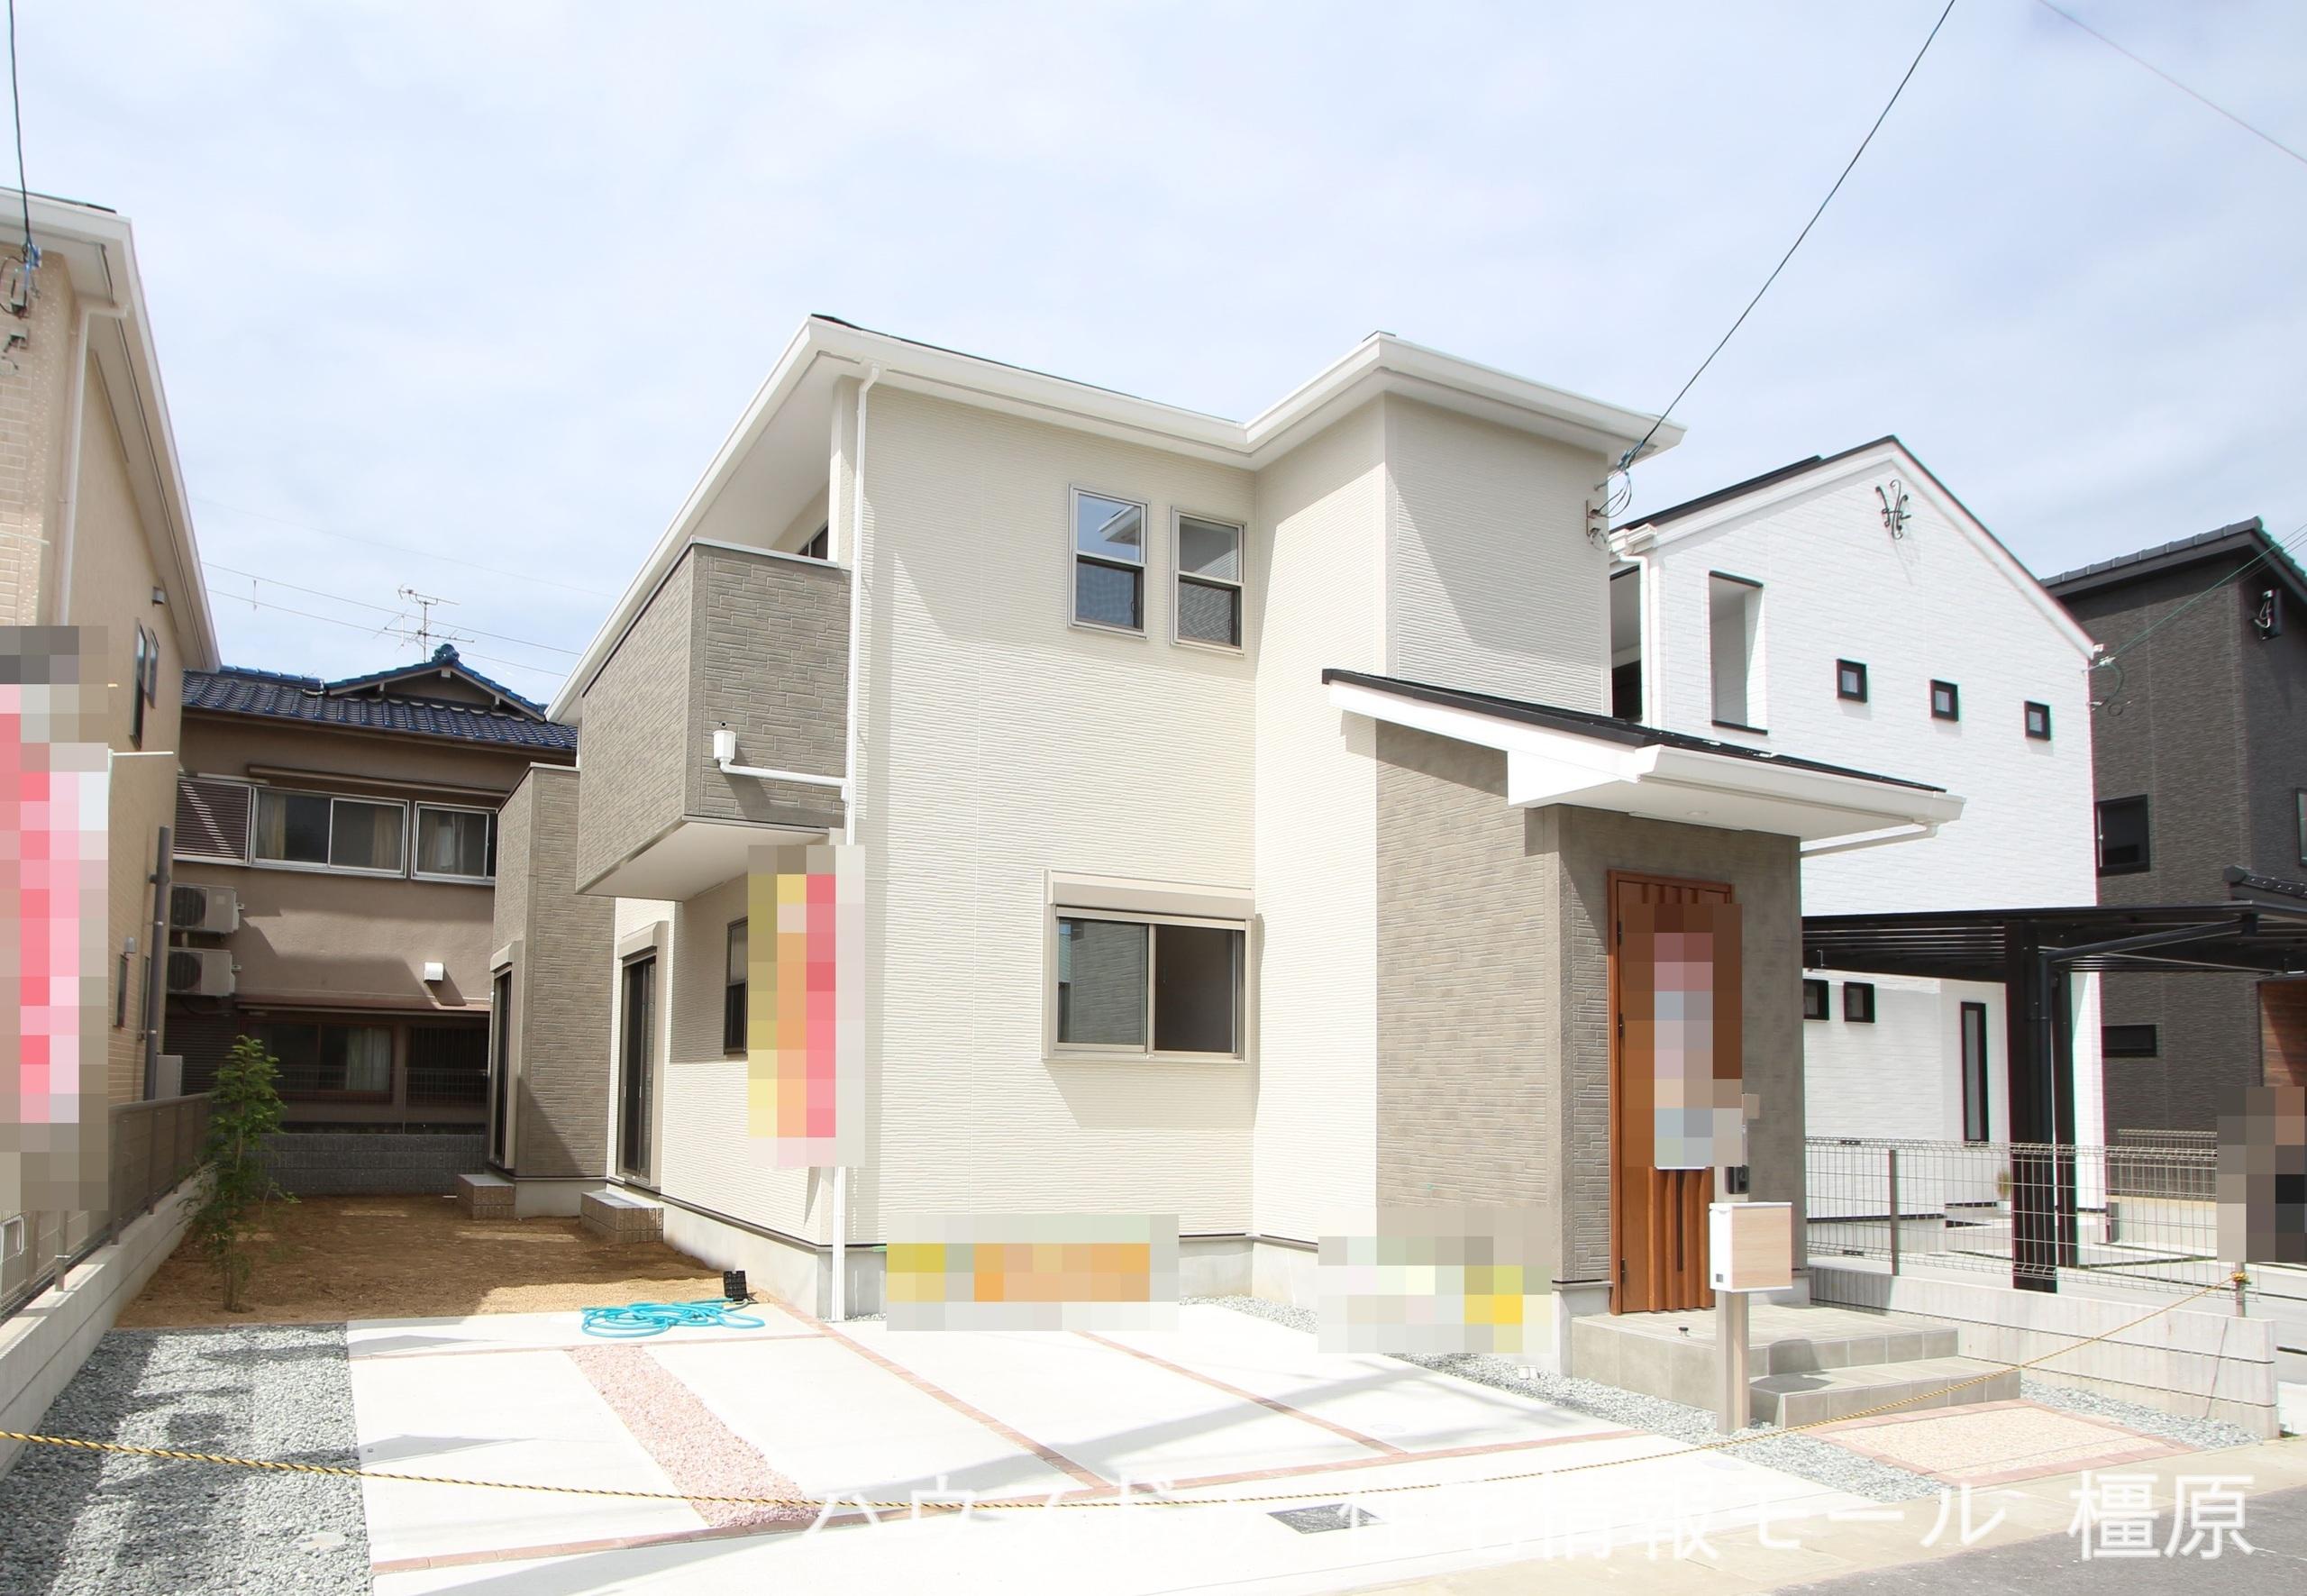 近鉄高田市駅まで徒歩9分、小中学校・幼稚園・スーパーも徒歩10分以内にそろう便利な立地です。(2021年9月撮影)